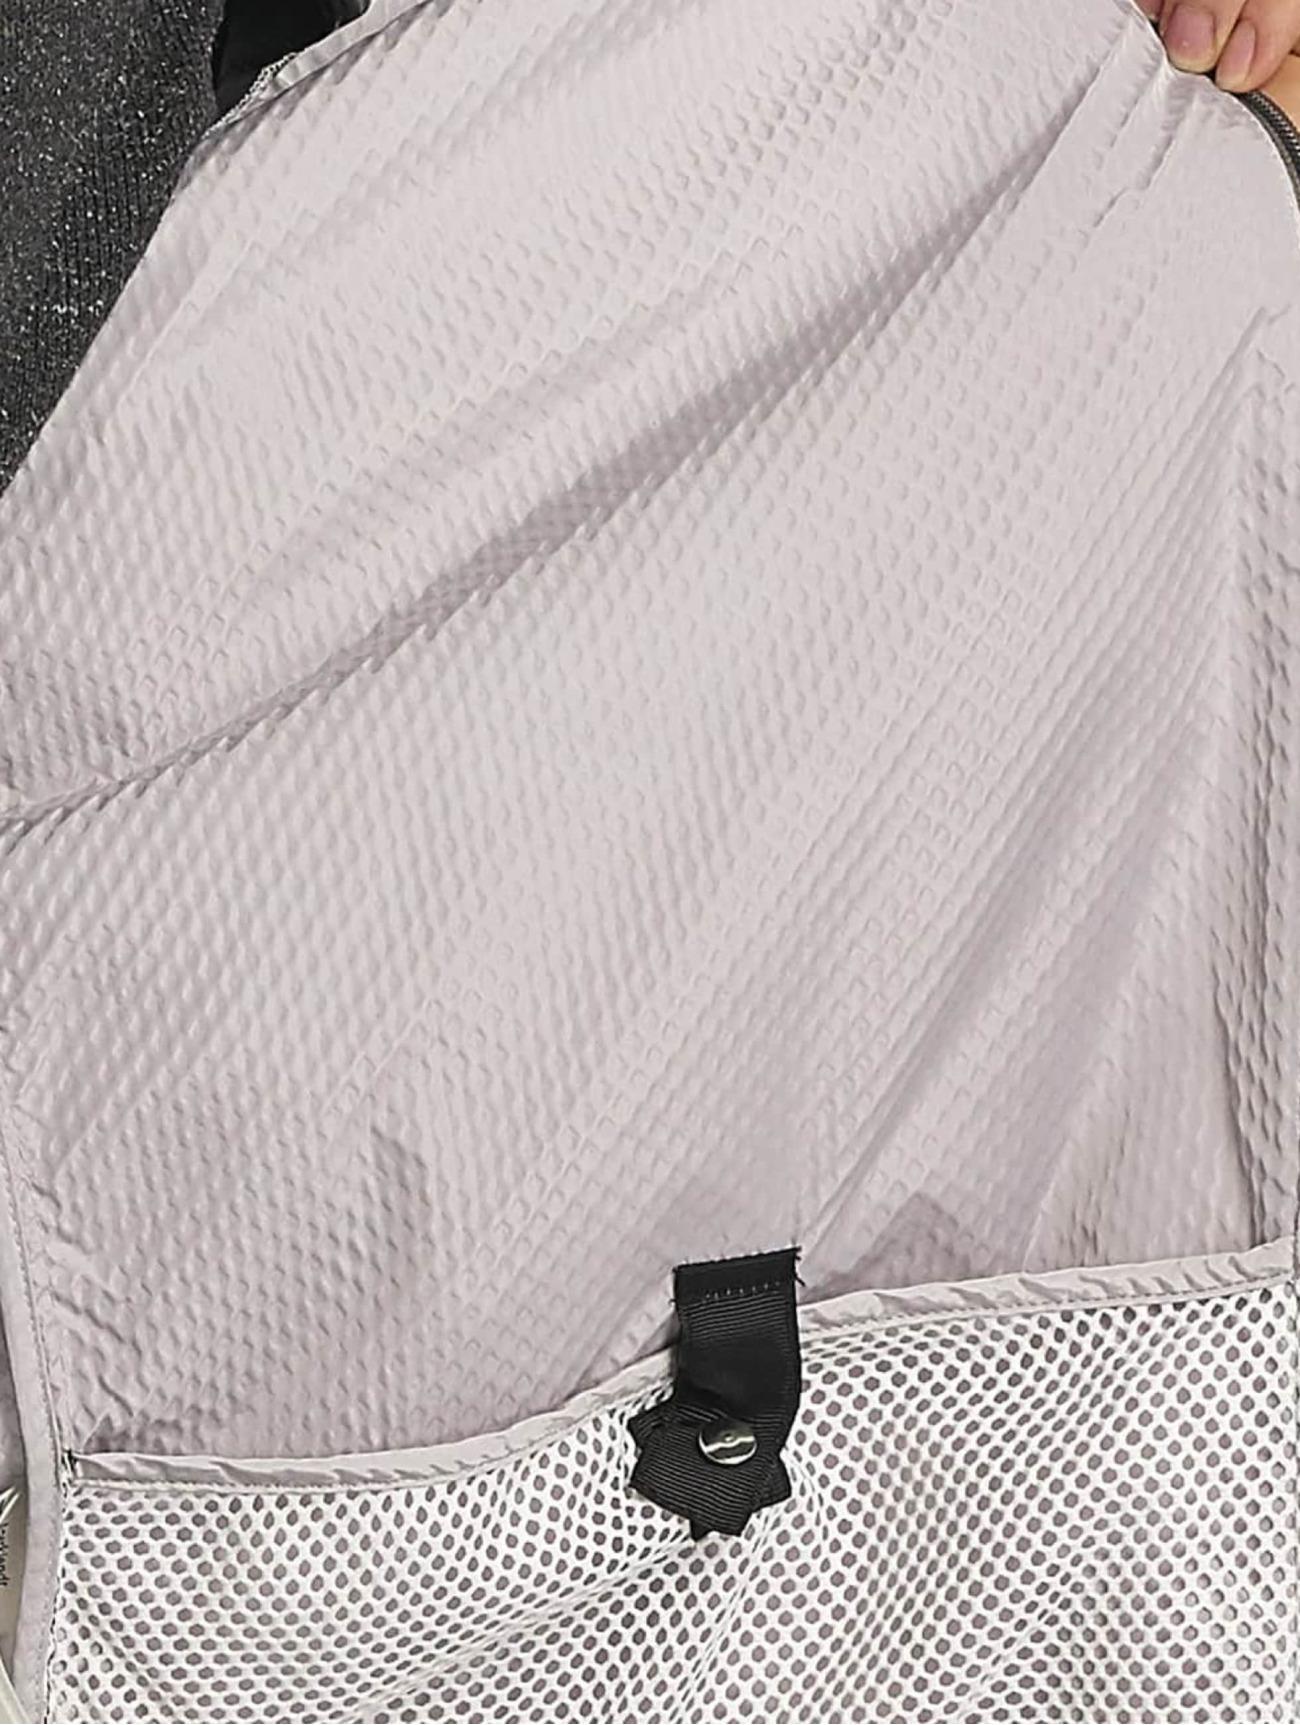 Anerkjendt | Peak  gris Homme Veste mi-saison légère  426907| Homme Manteaux & Vestes